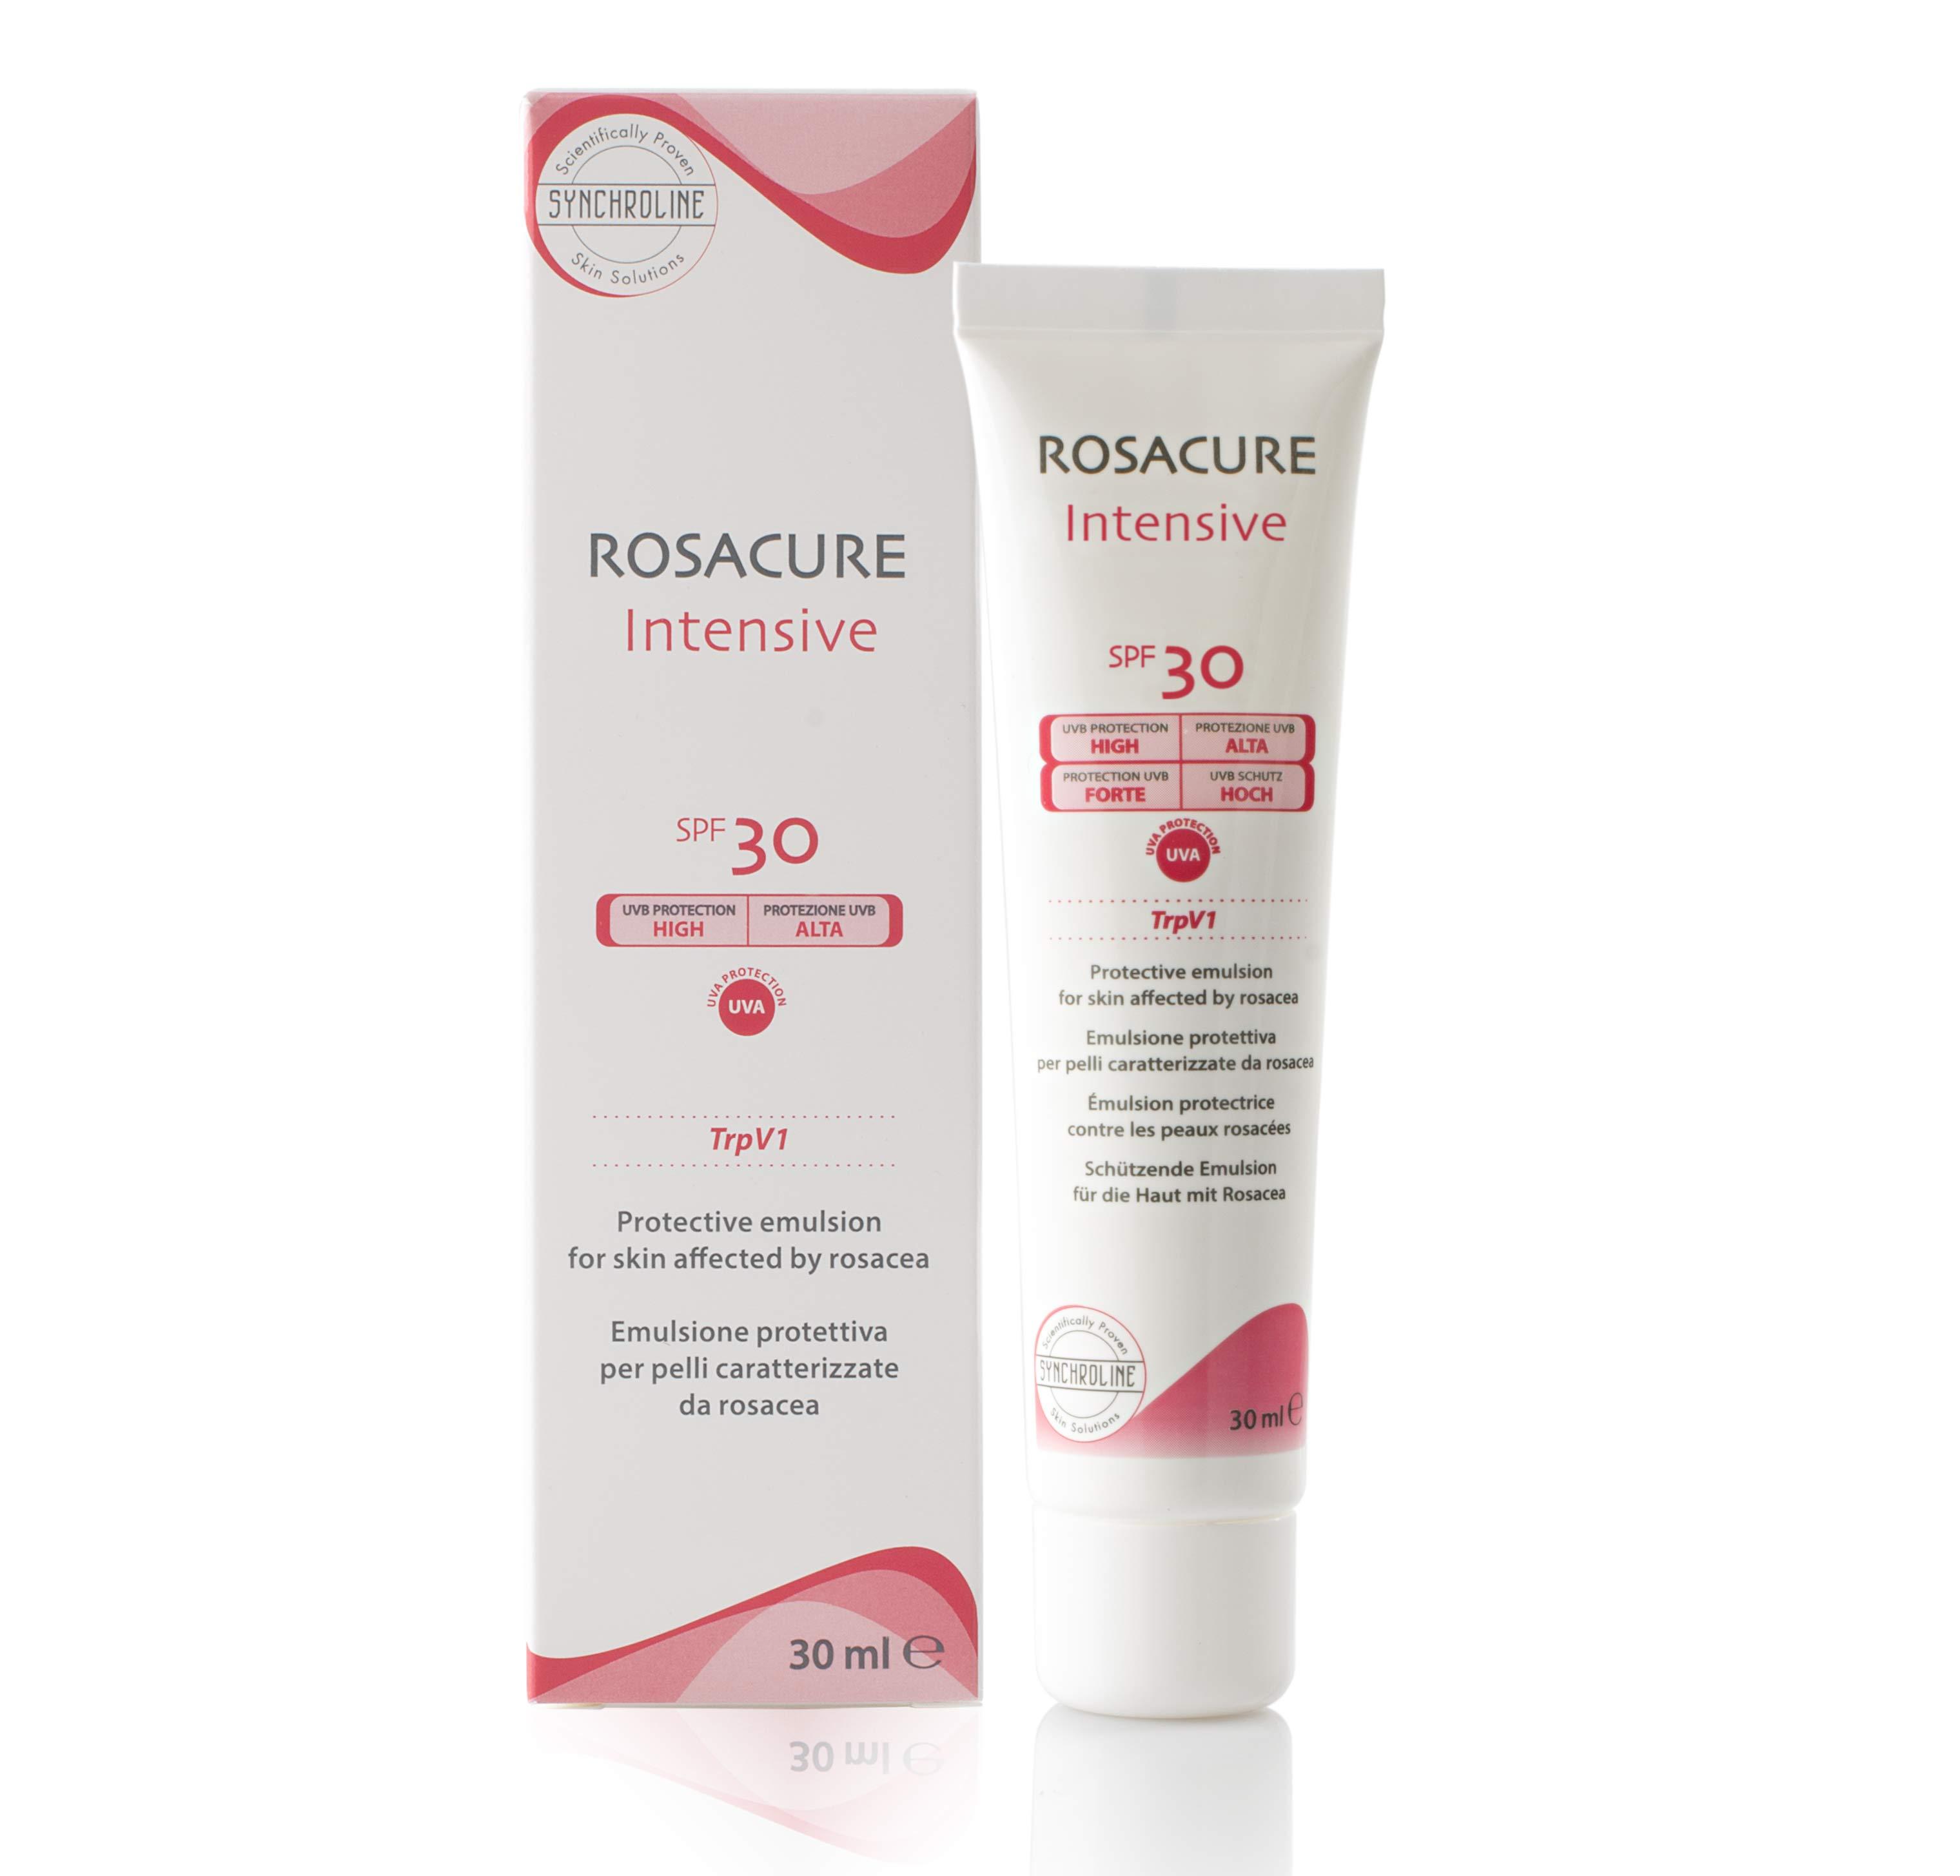 Synchroline Rosacure Intensive Spf 30, 30 ml